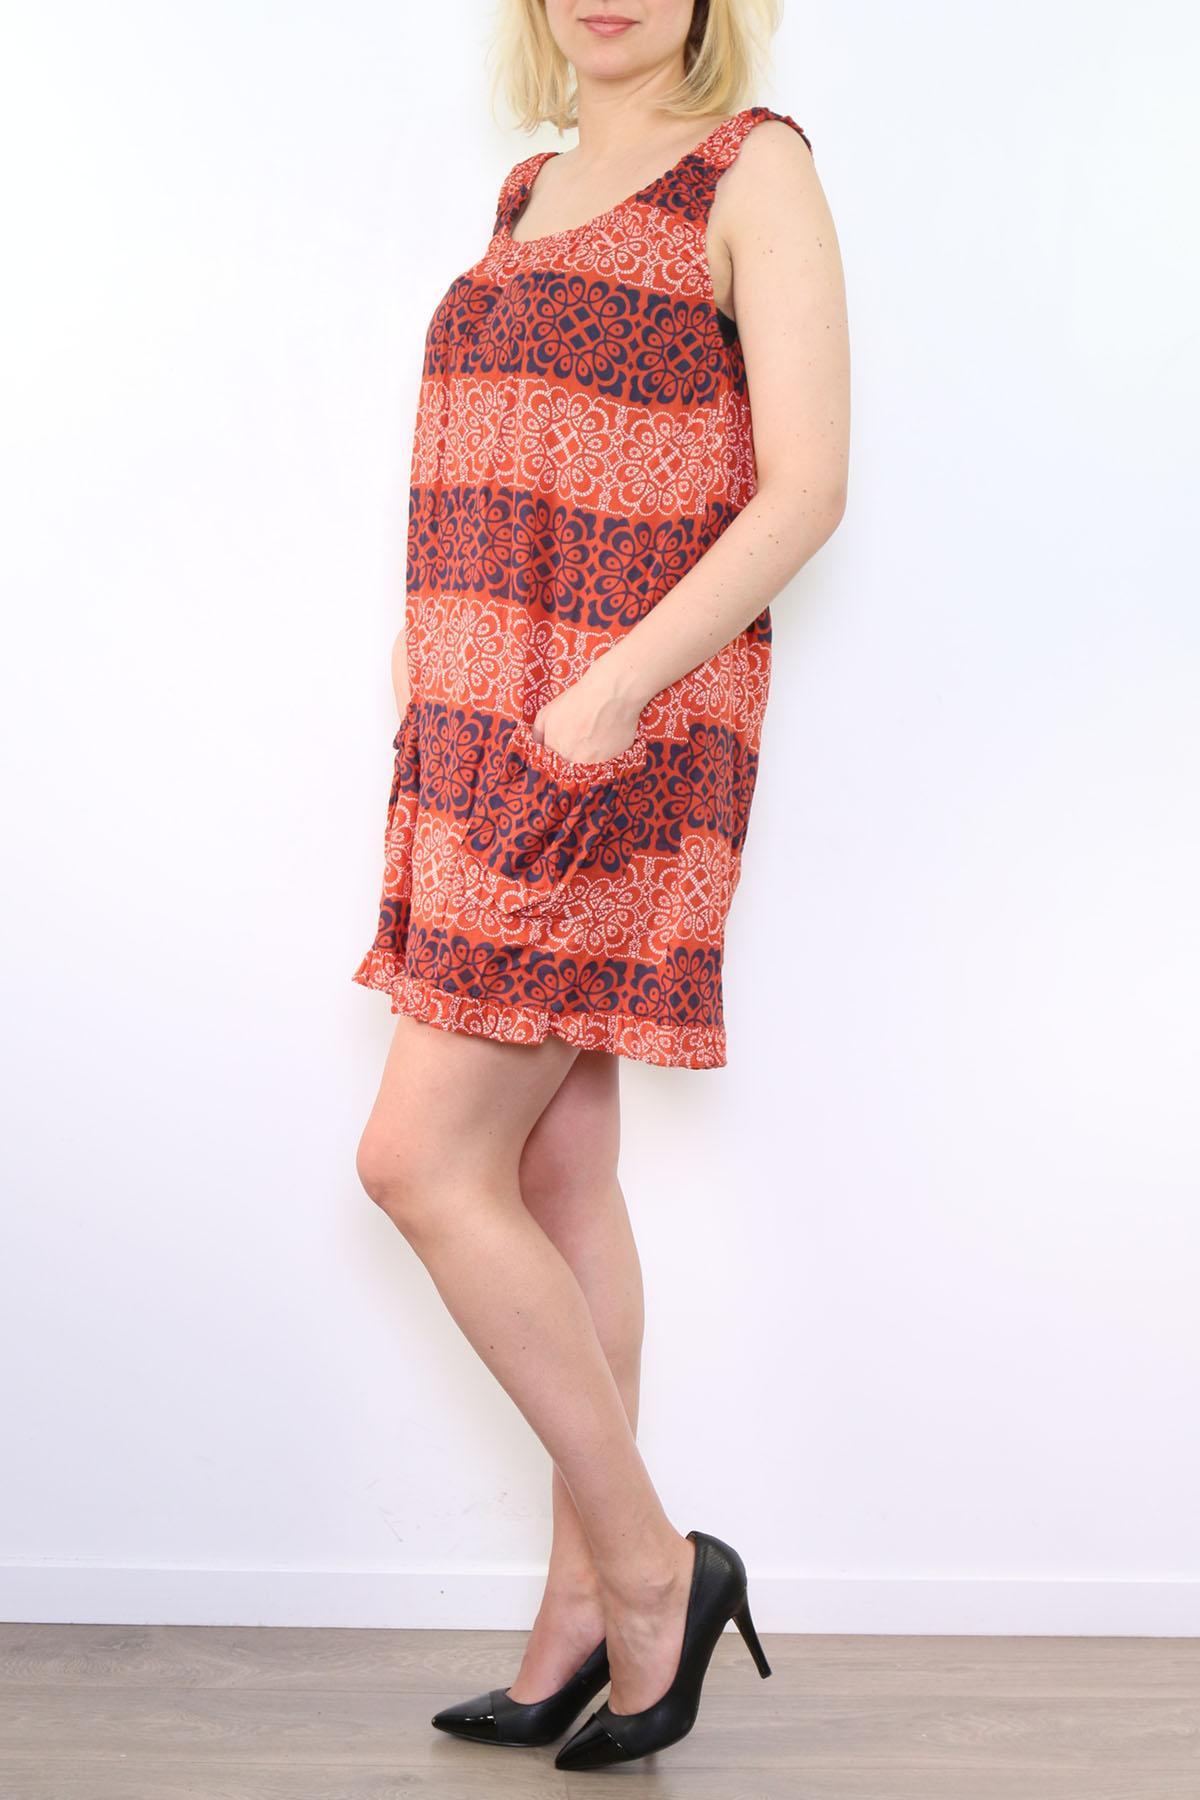 Robes Femme RP11-ORANGE GO POMELO